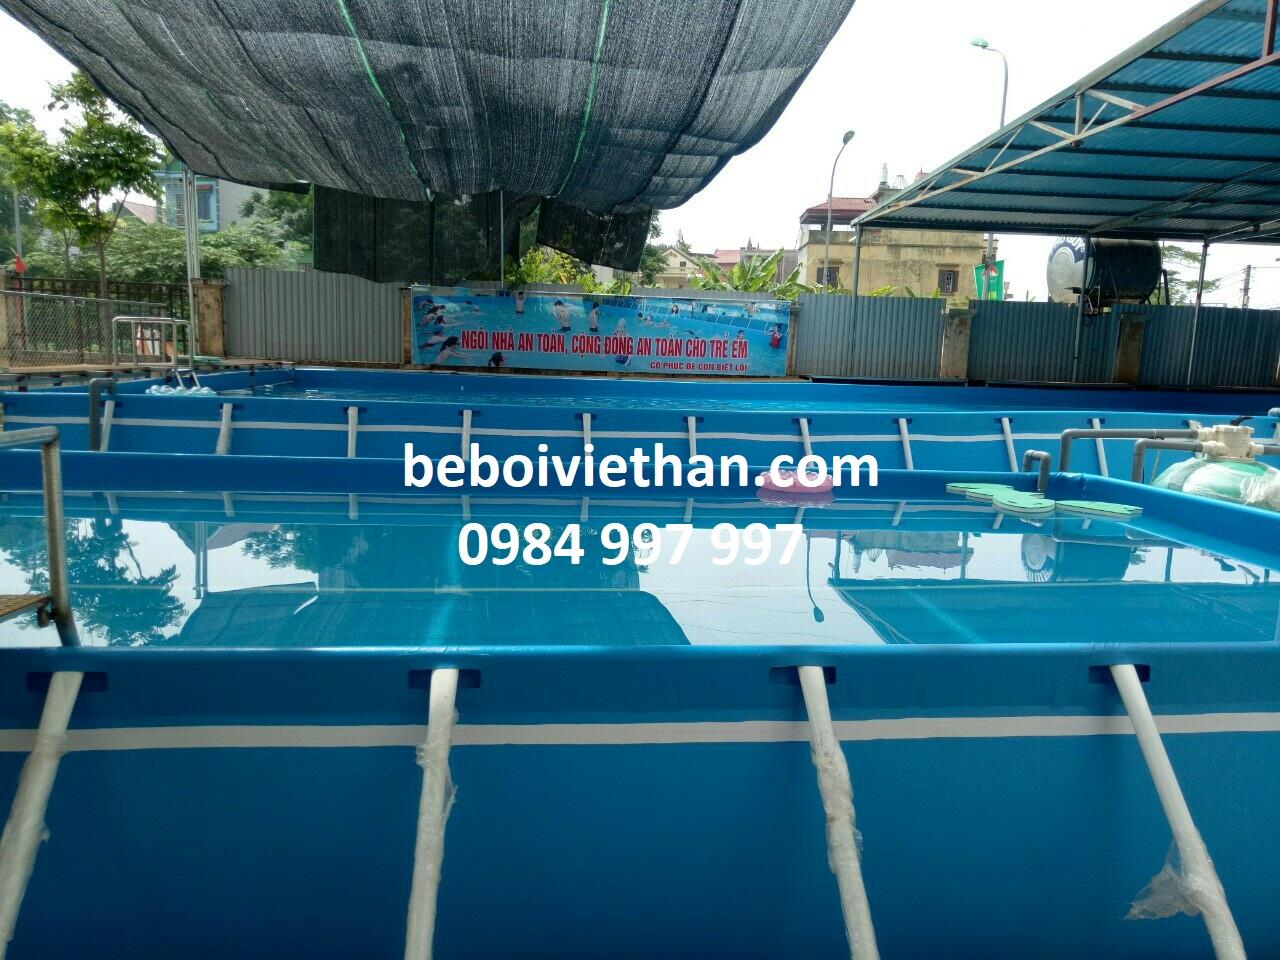 Báo giá bể bơi thông minh trên toàn quốc